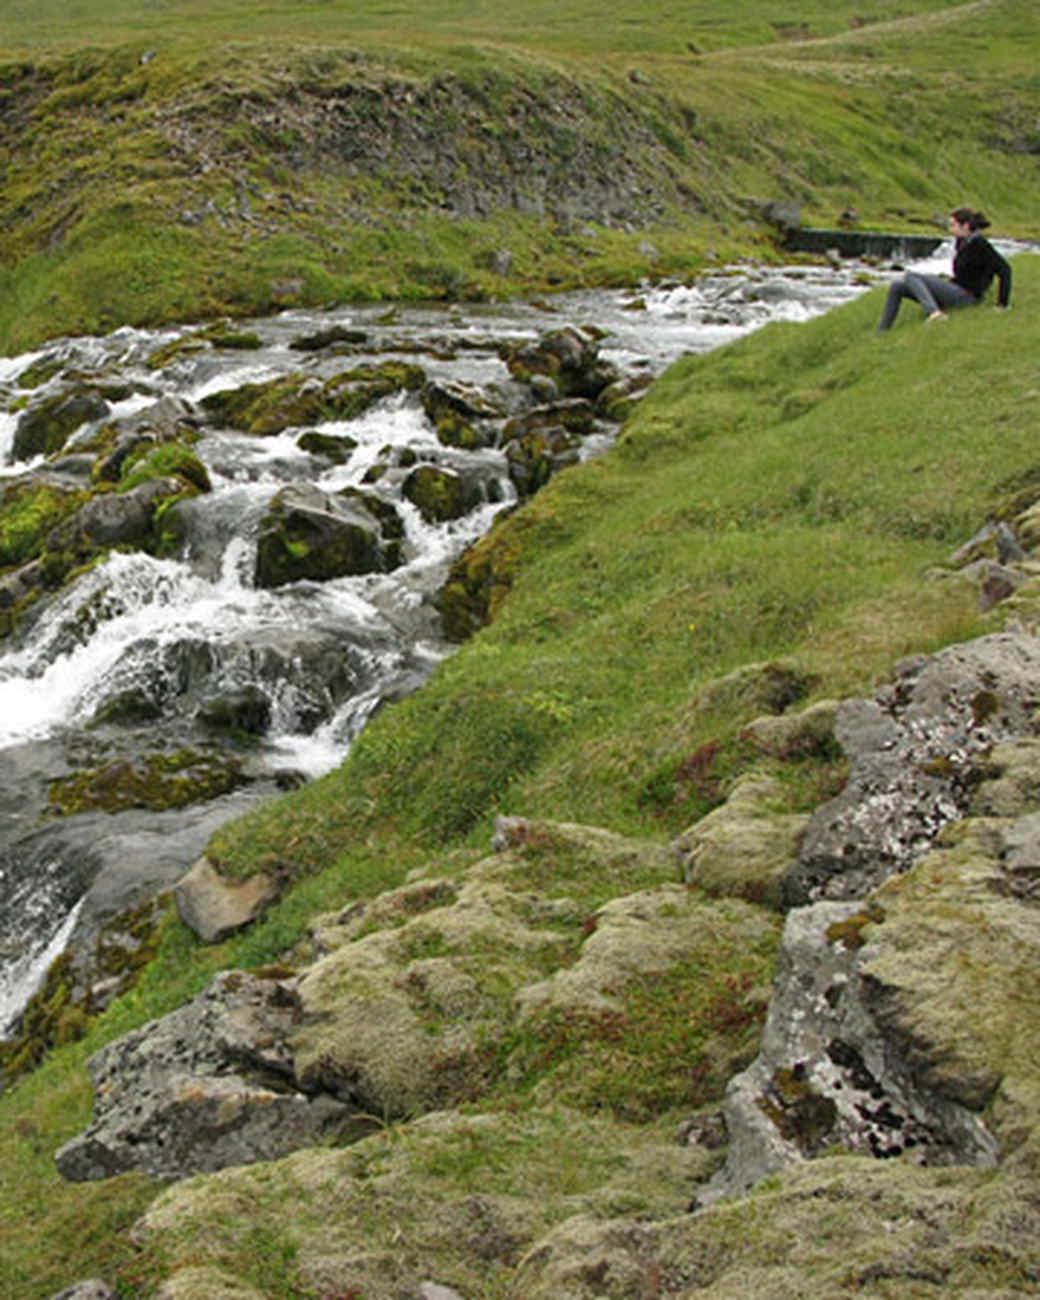 r_gael_iceland08_20.jpg